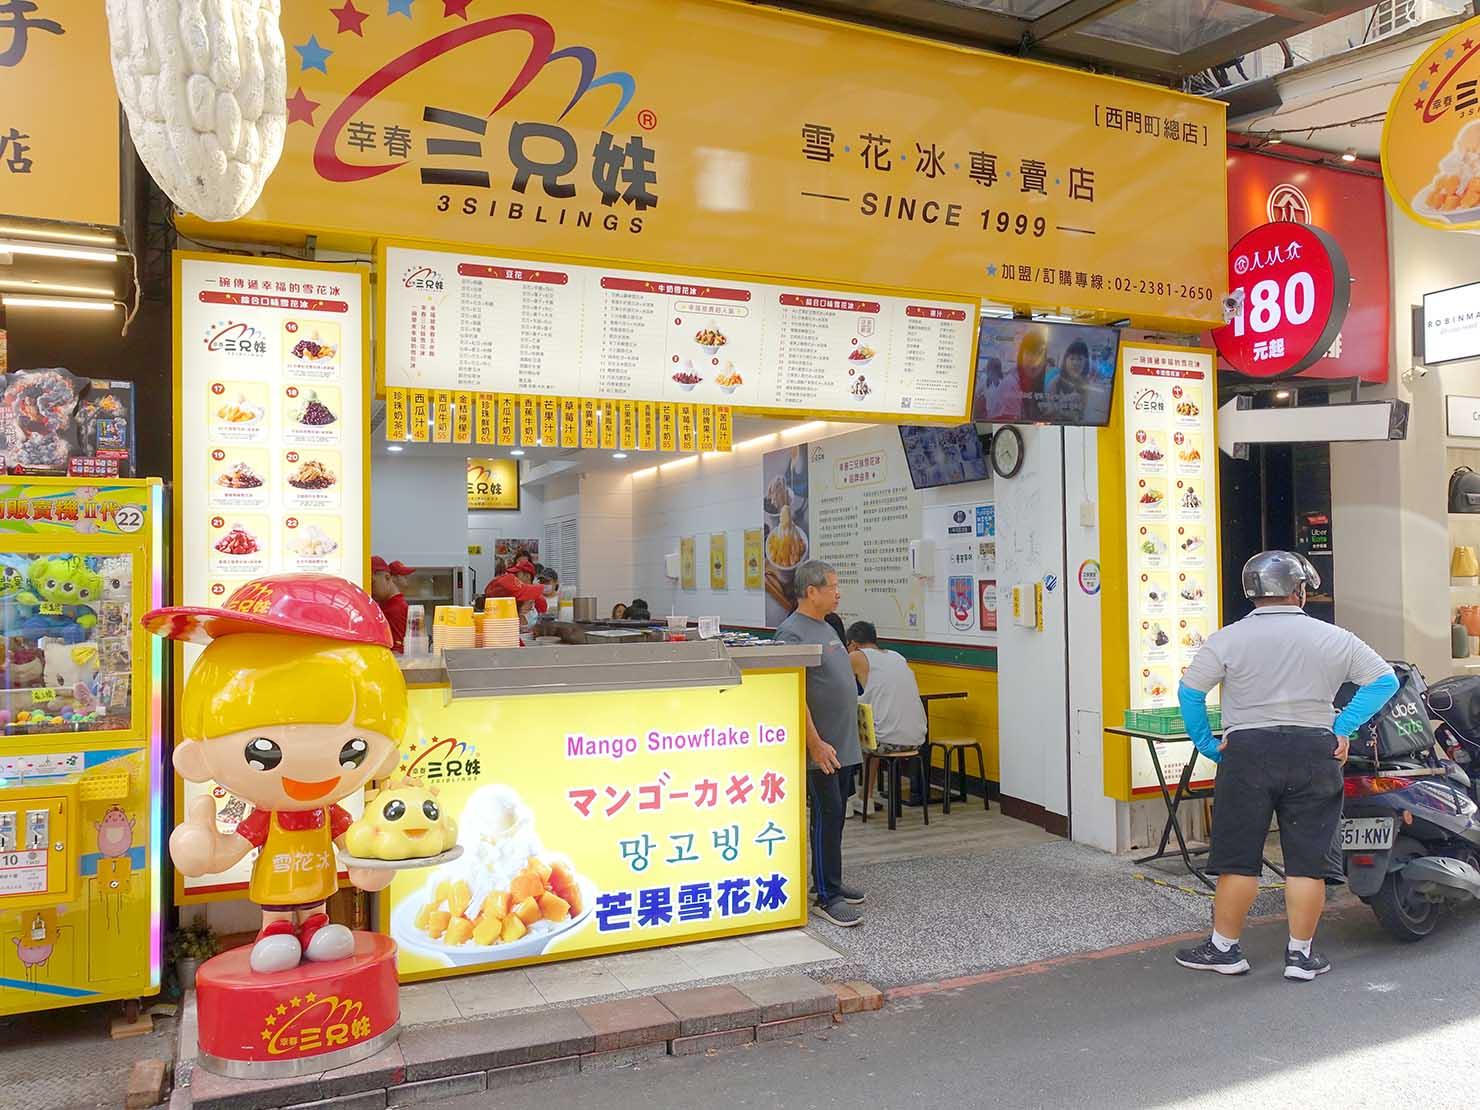 台北・西門町のおすすめひんやりスイーツ店「三兄妹雪花冰」の外観